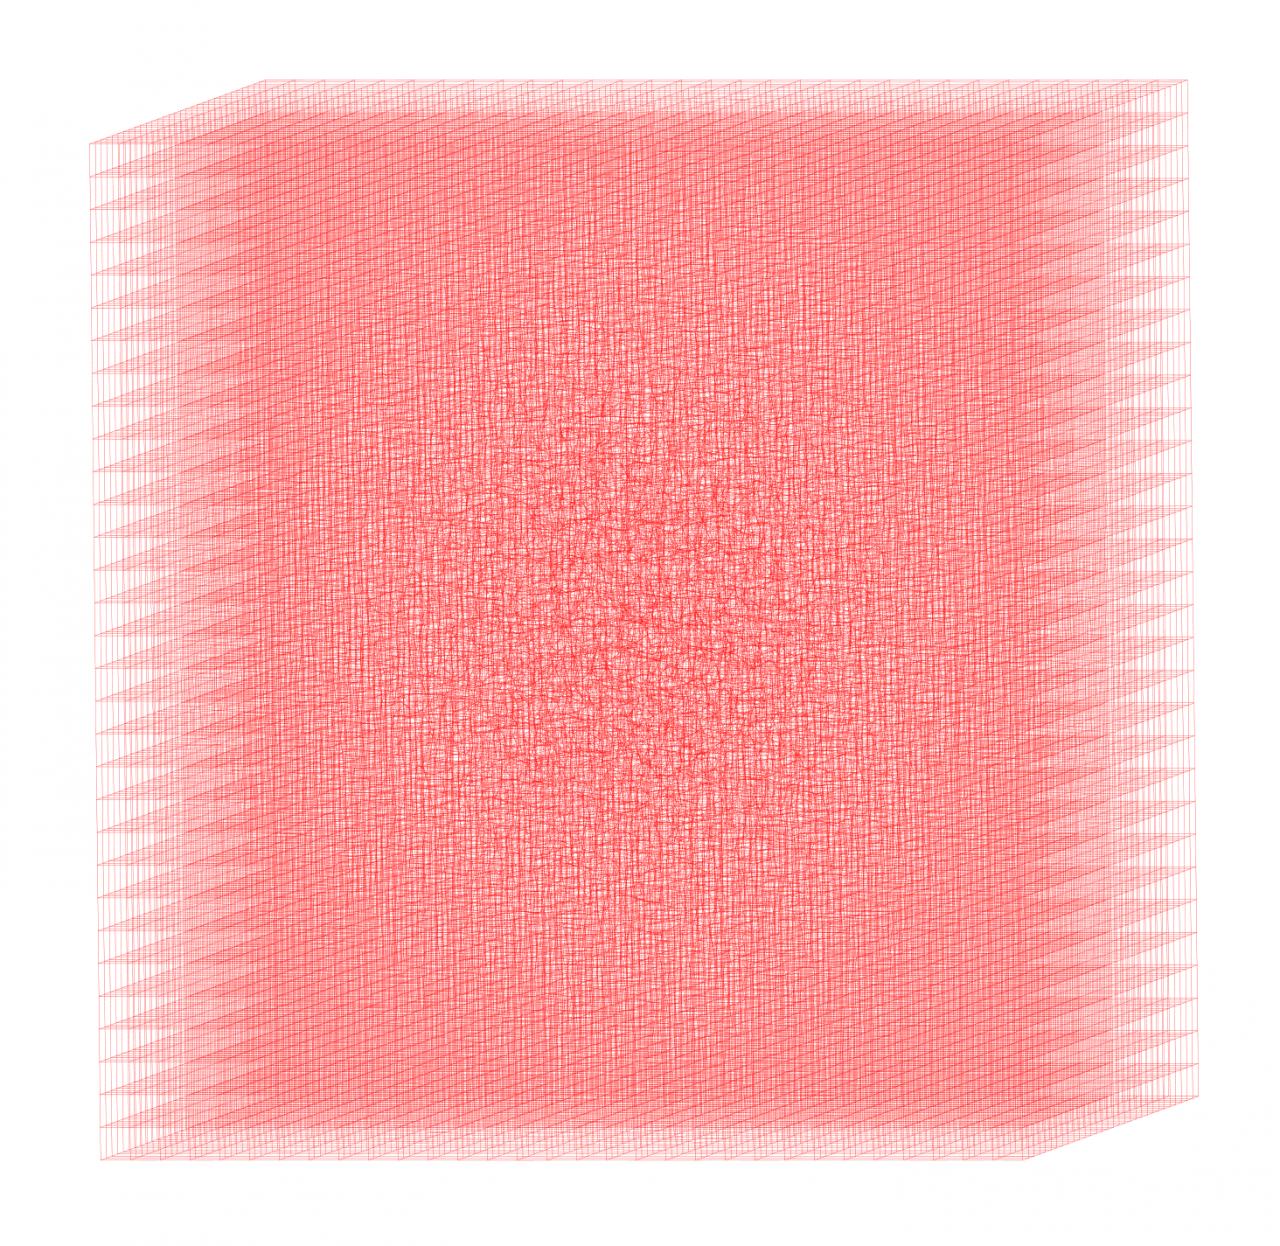 Dreidimensionaler Körper roter Gitterlinien